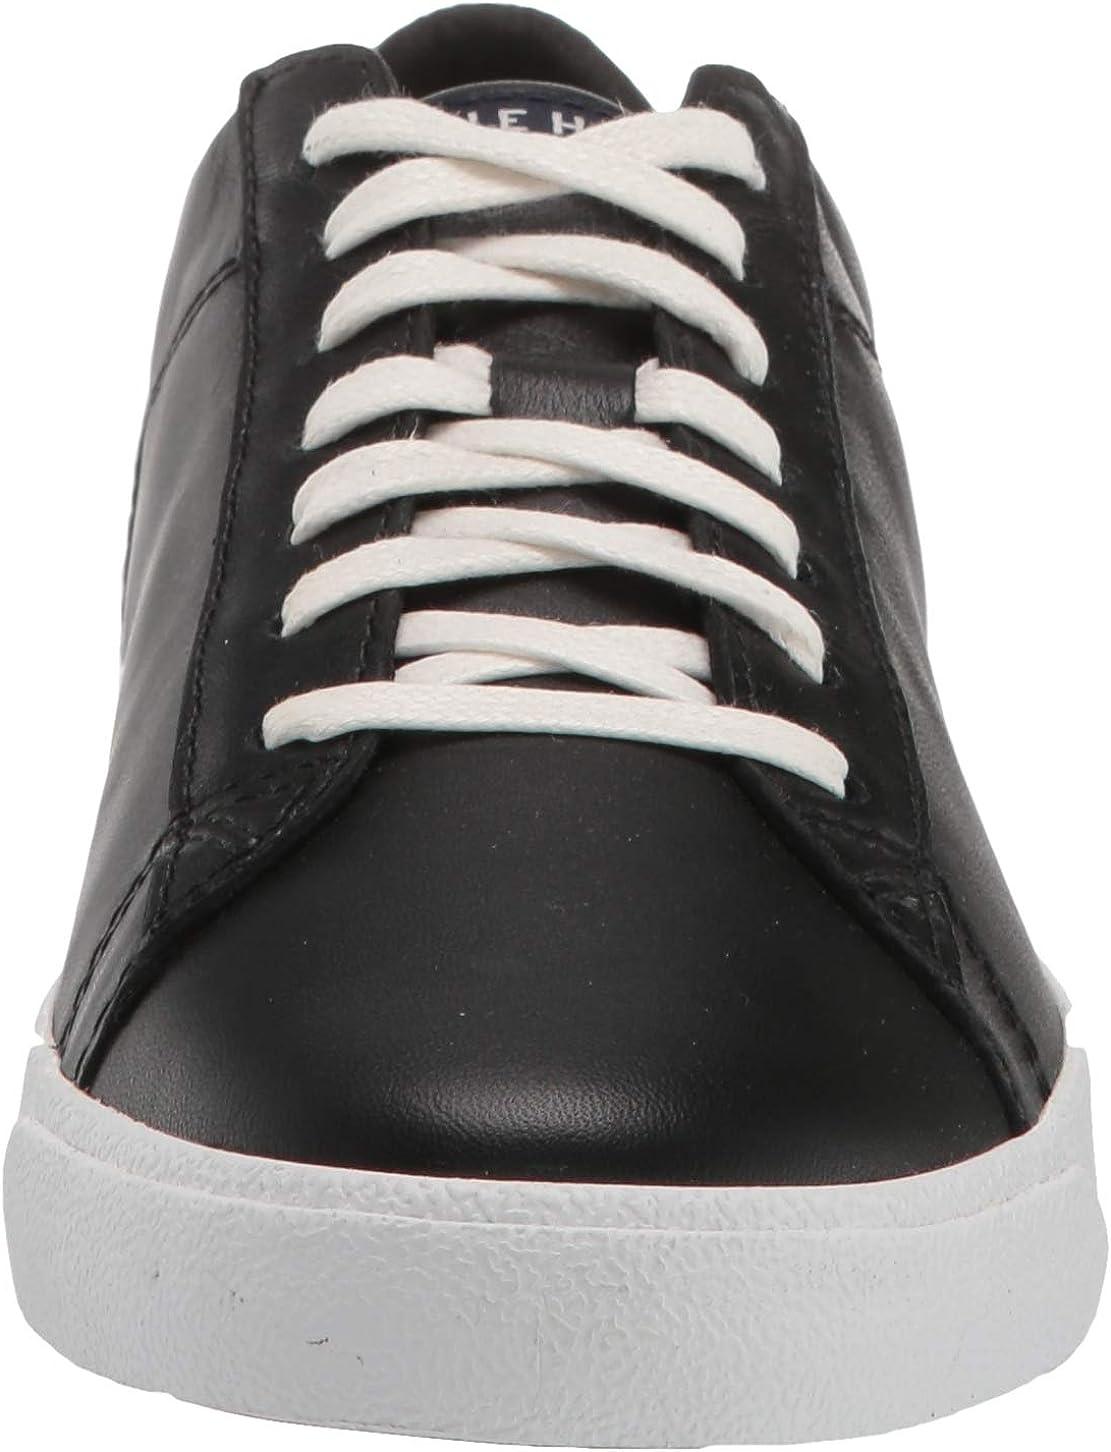 Cole Haan Women's Carrie Sneaker